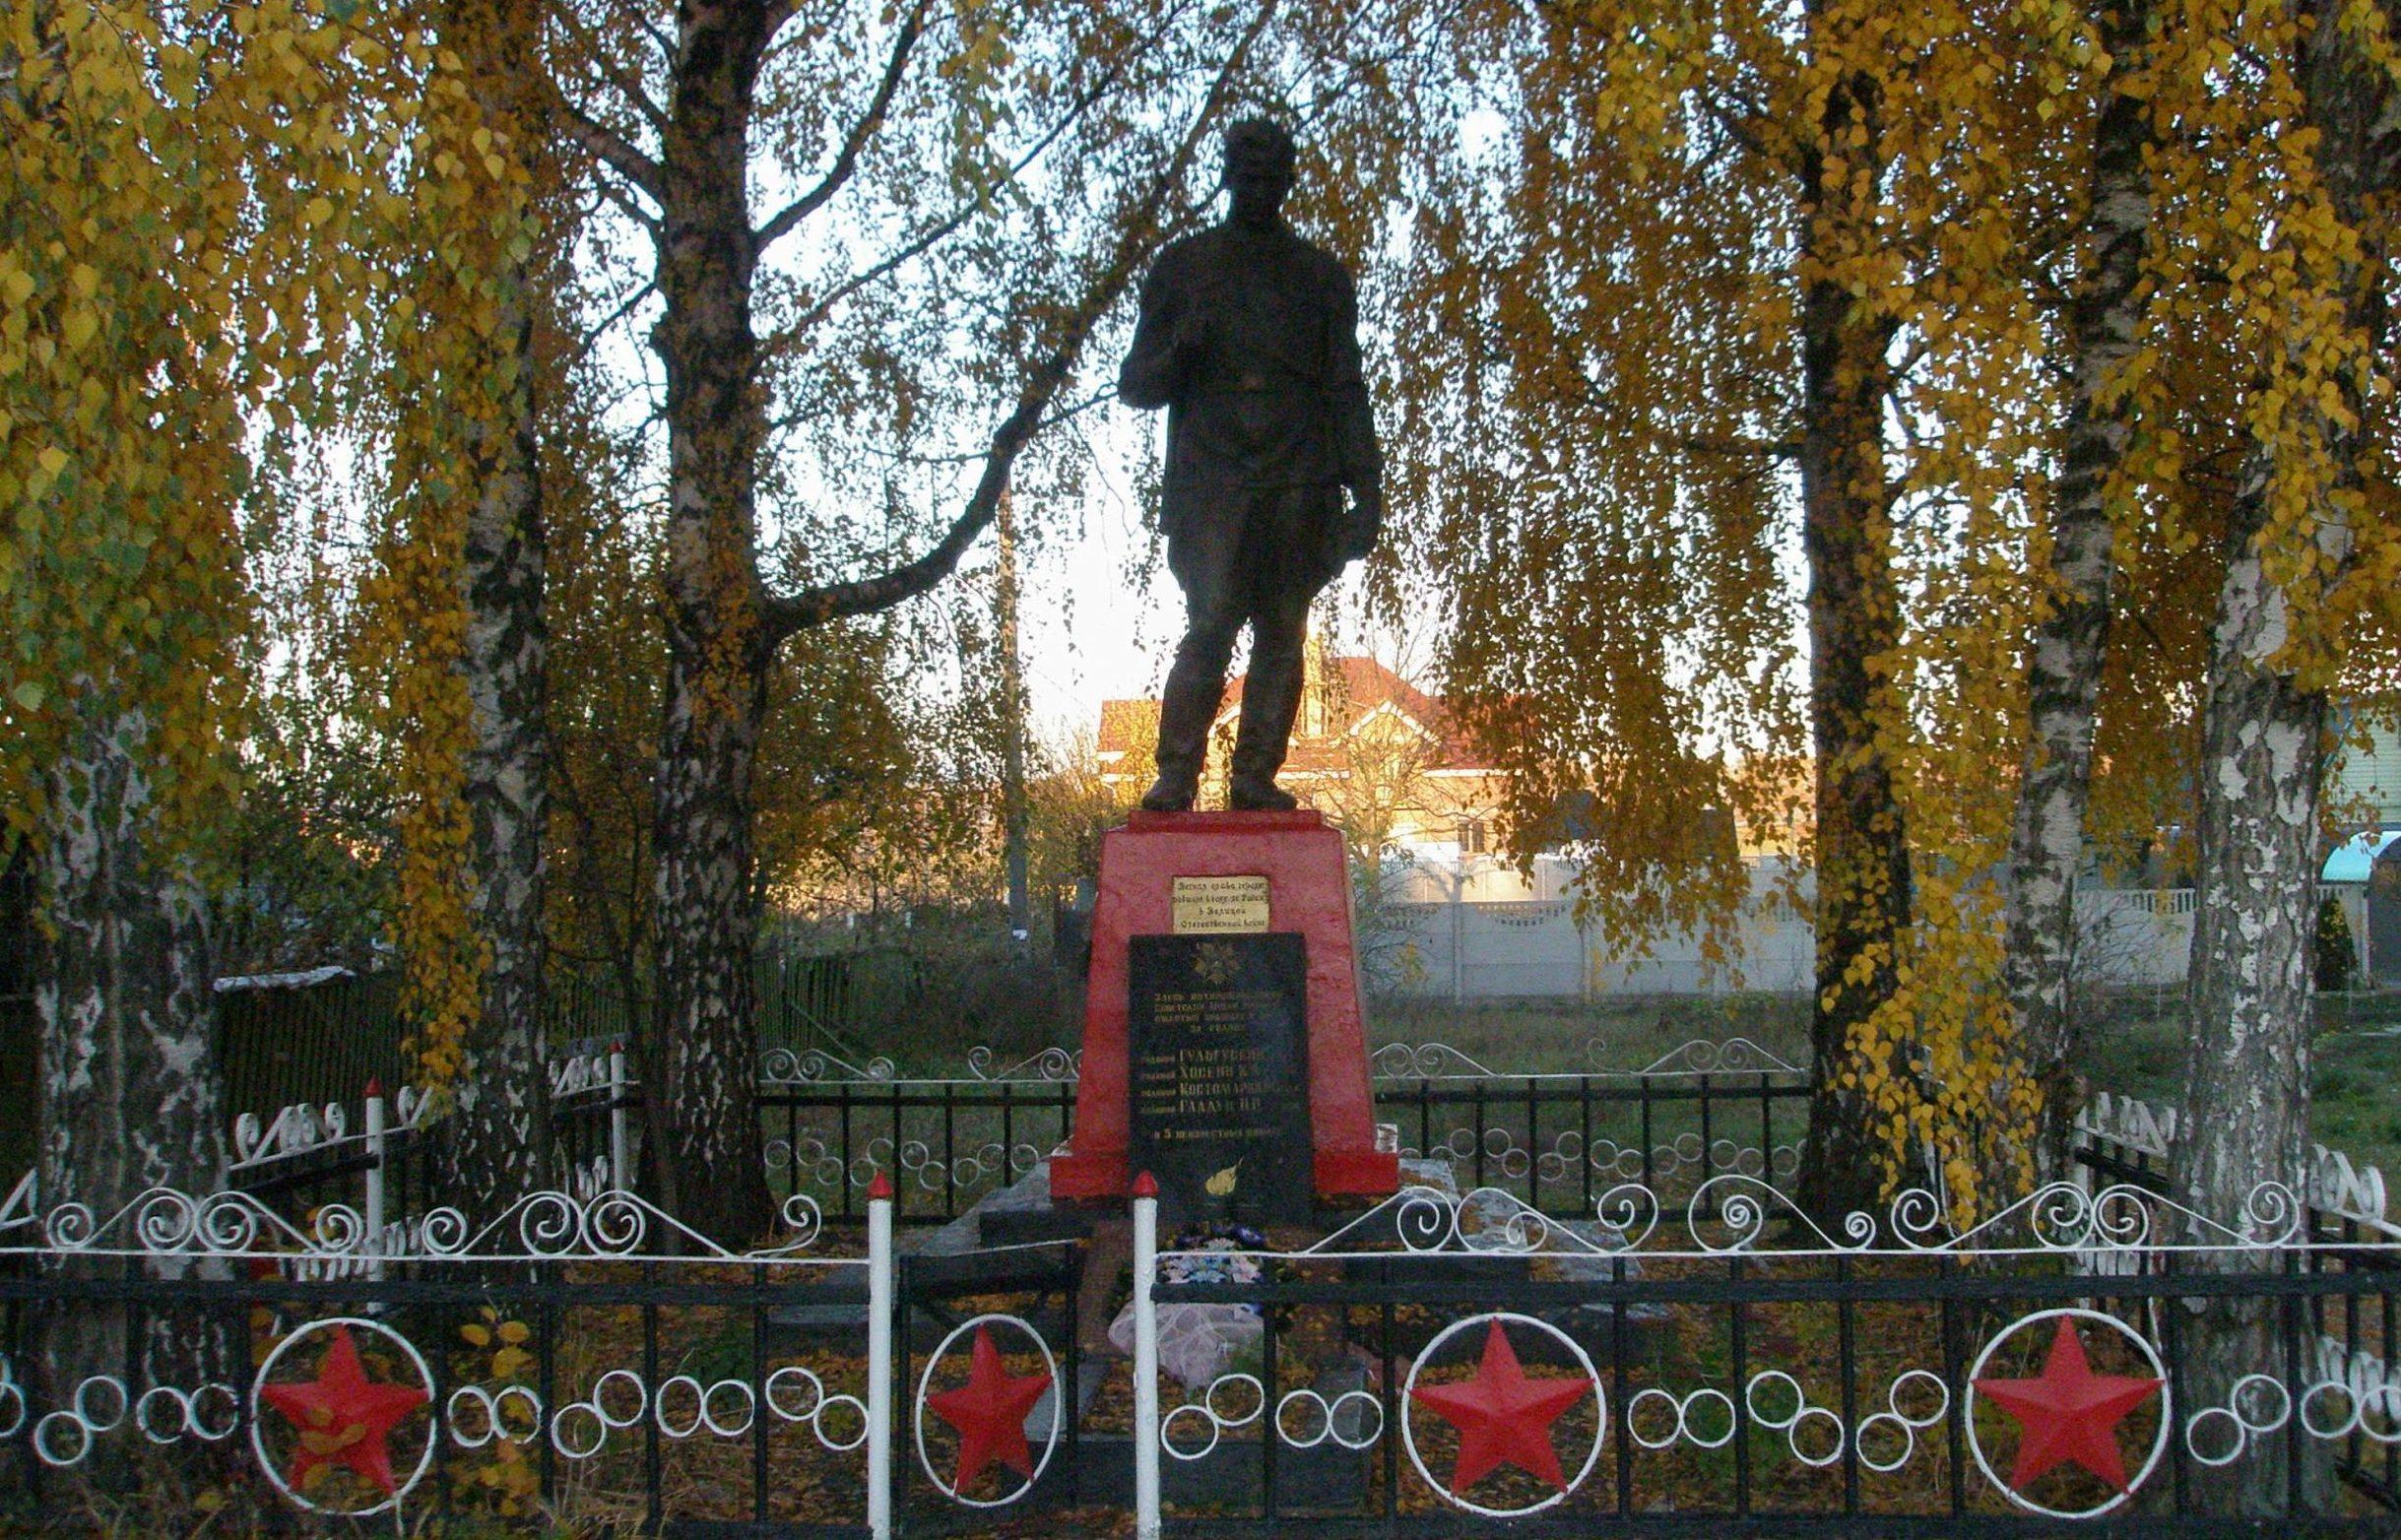 с. Святопетровское Киево-Святошинского р-на. Памятник на братской могиле советских воинов.